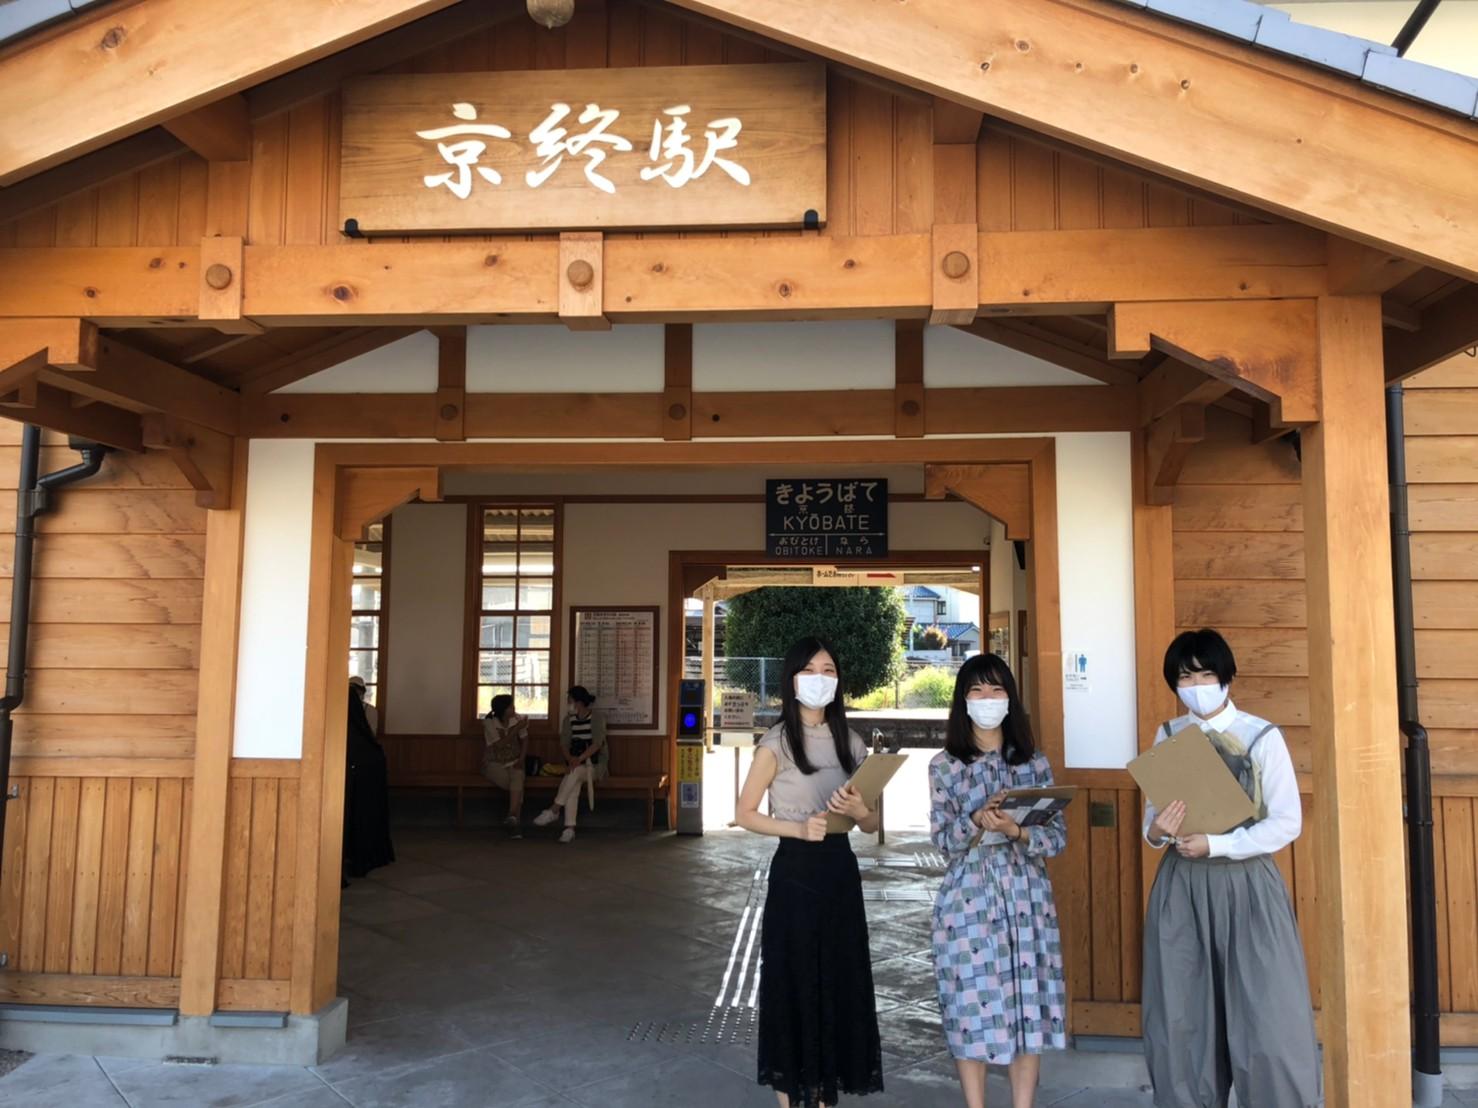 京終の地域調査を行いました。